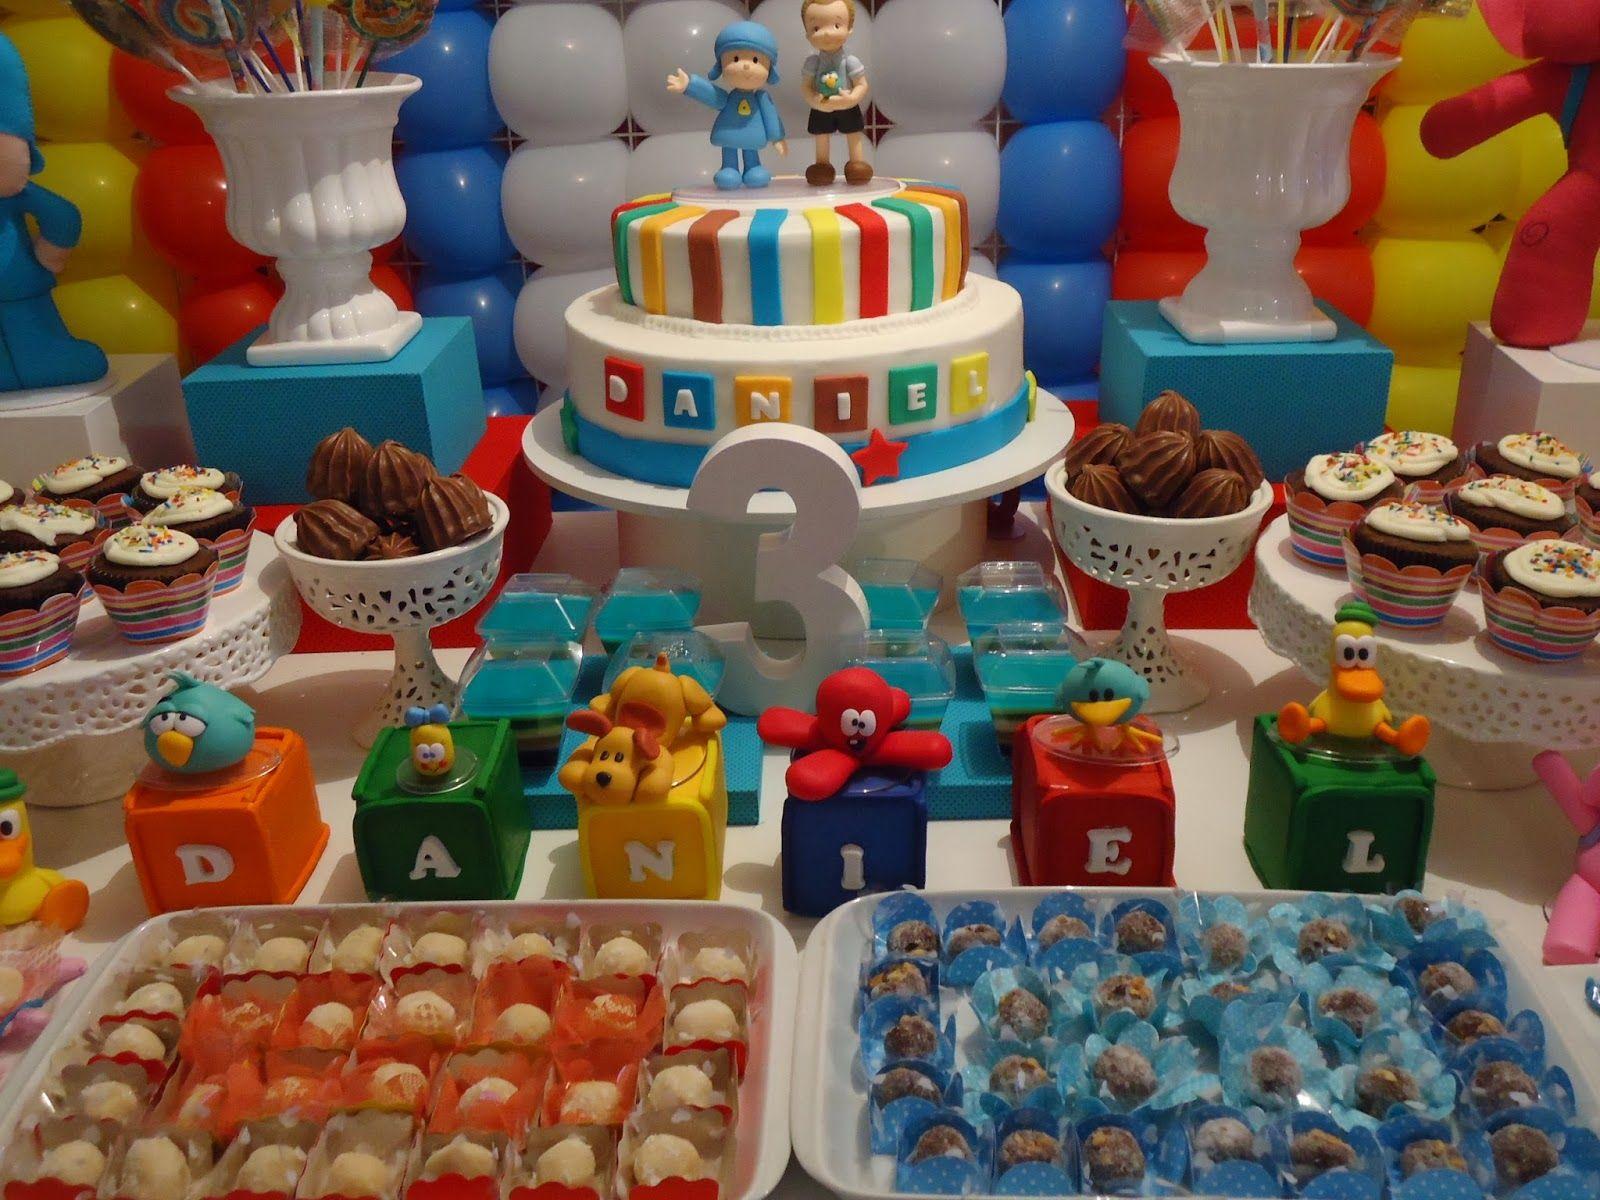 Ideias festa infantil menino pesquisa google fiesta pocoyo ideias festa infantil menino pesquisa google altavistaventures Gallery